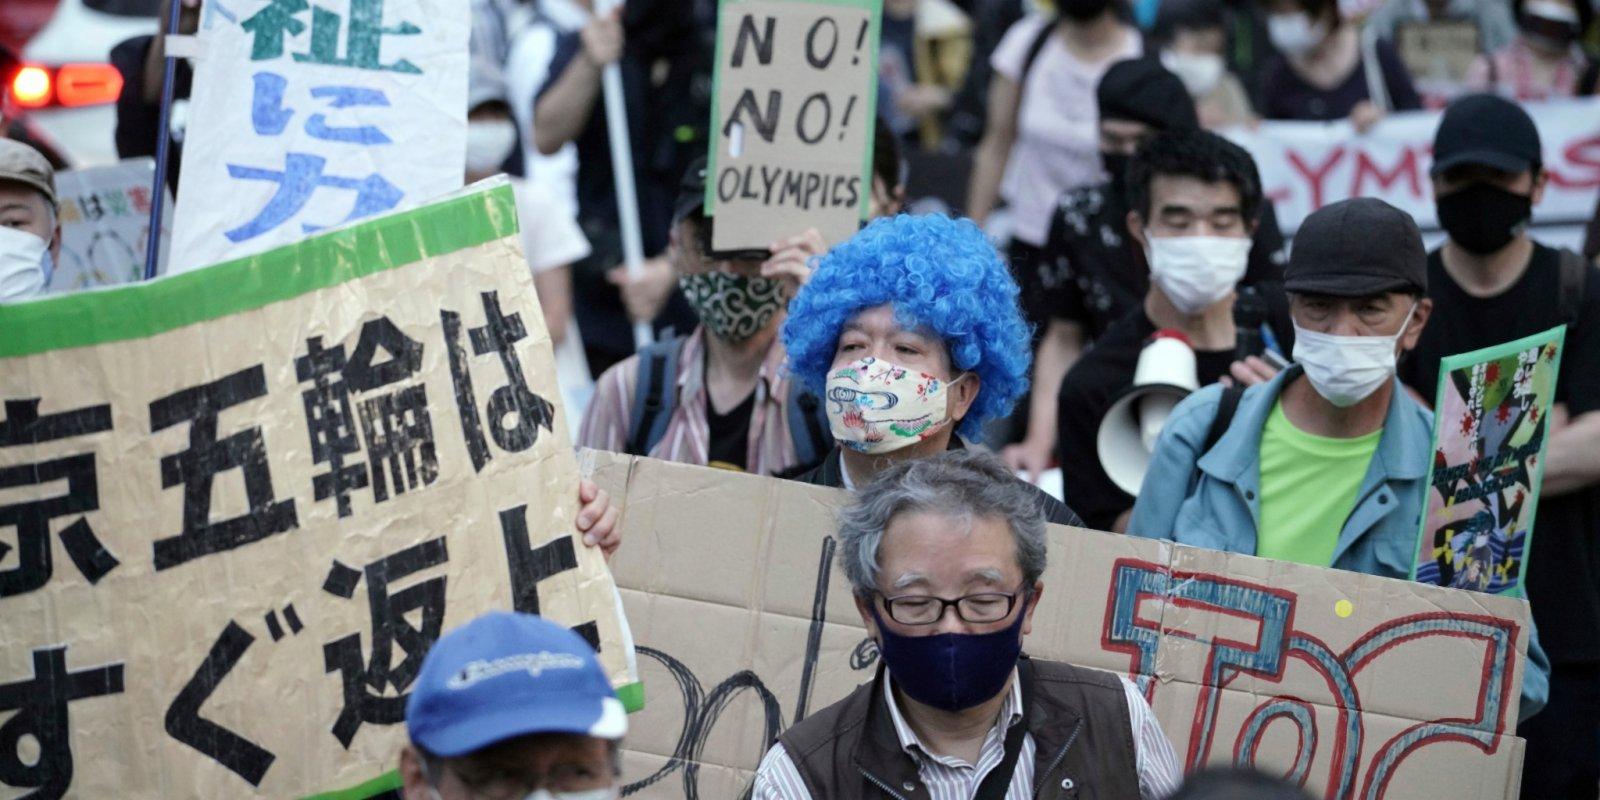 緊急宣言期間辦奧運測試賽 東京百人遊行抗議